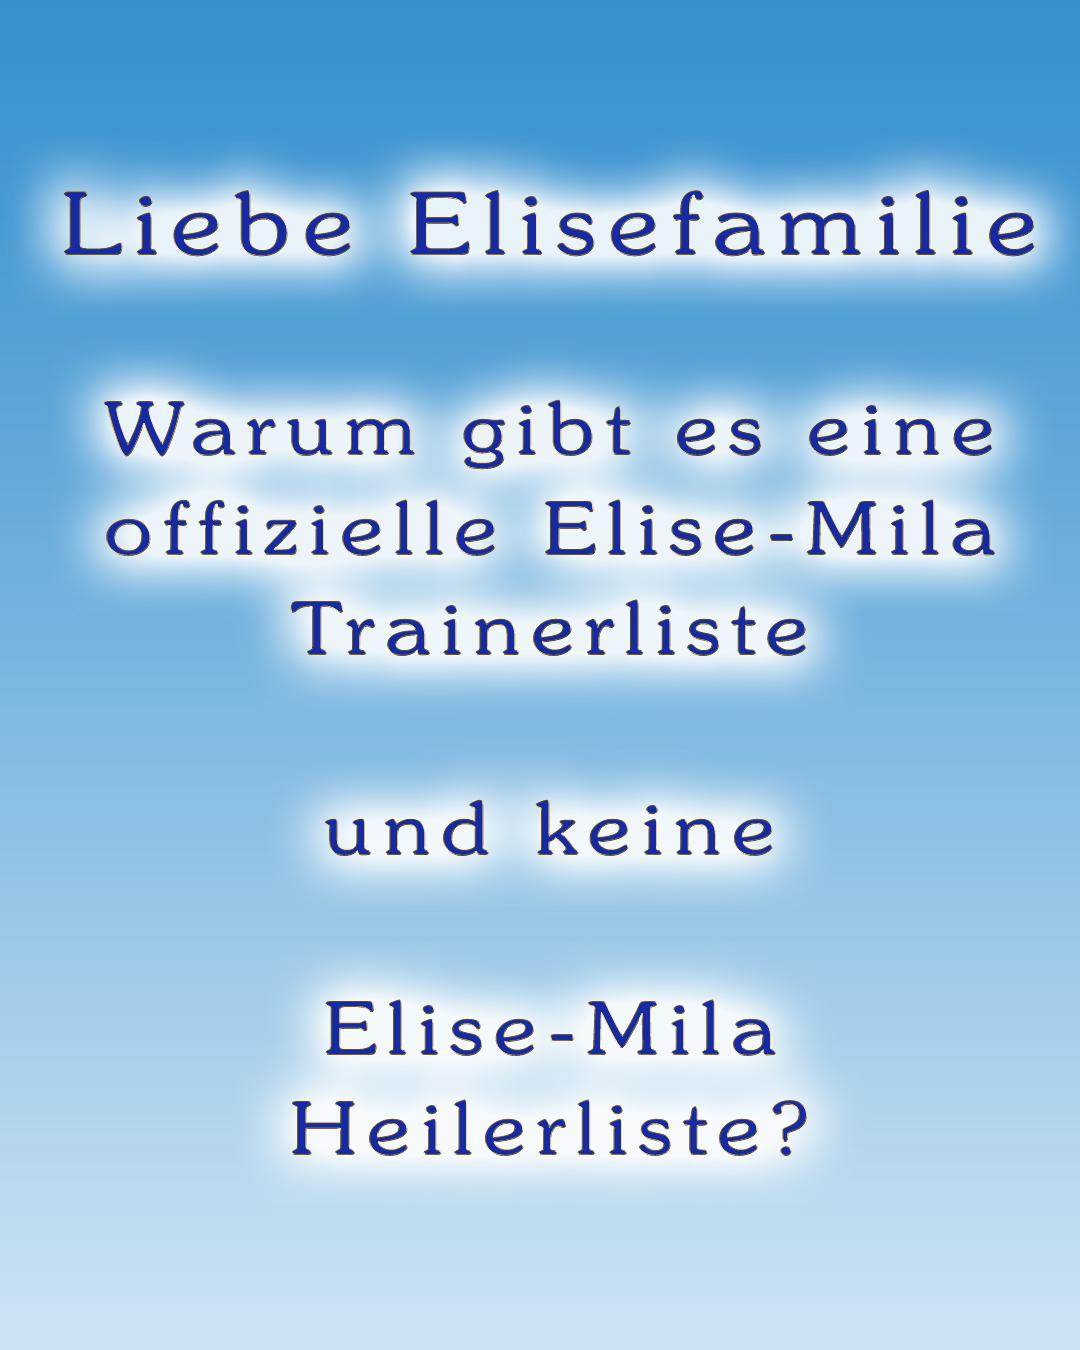 Elise-Mila Trainerliste